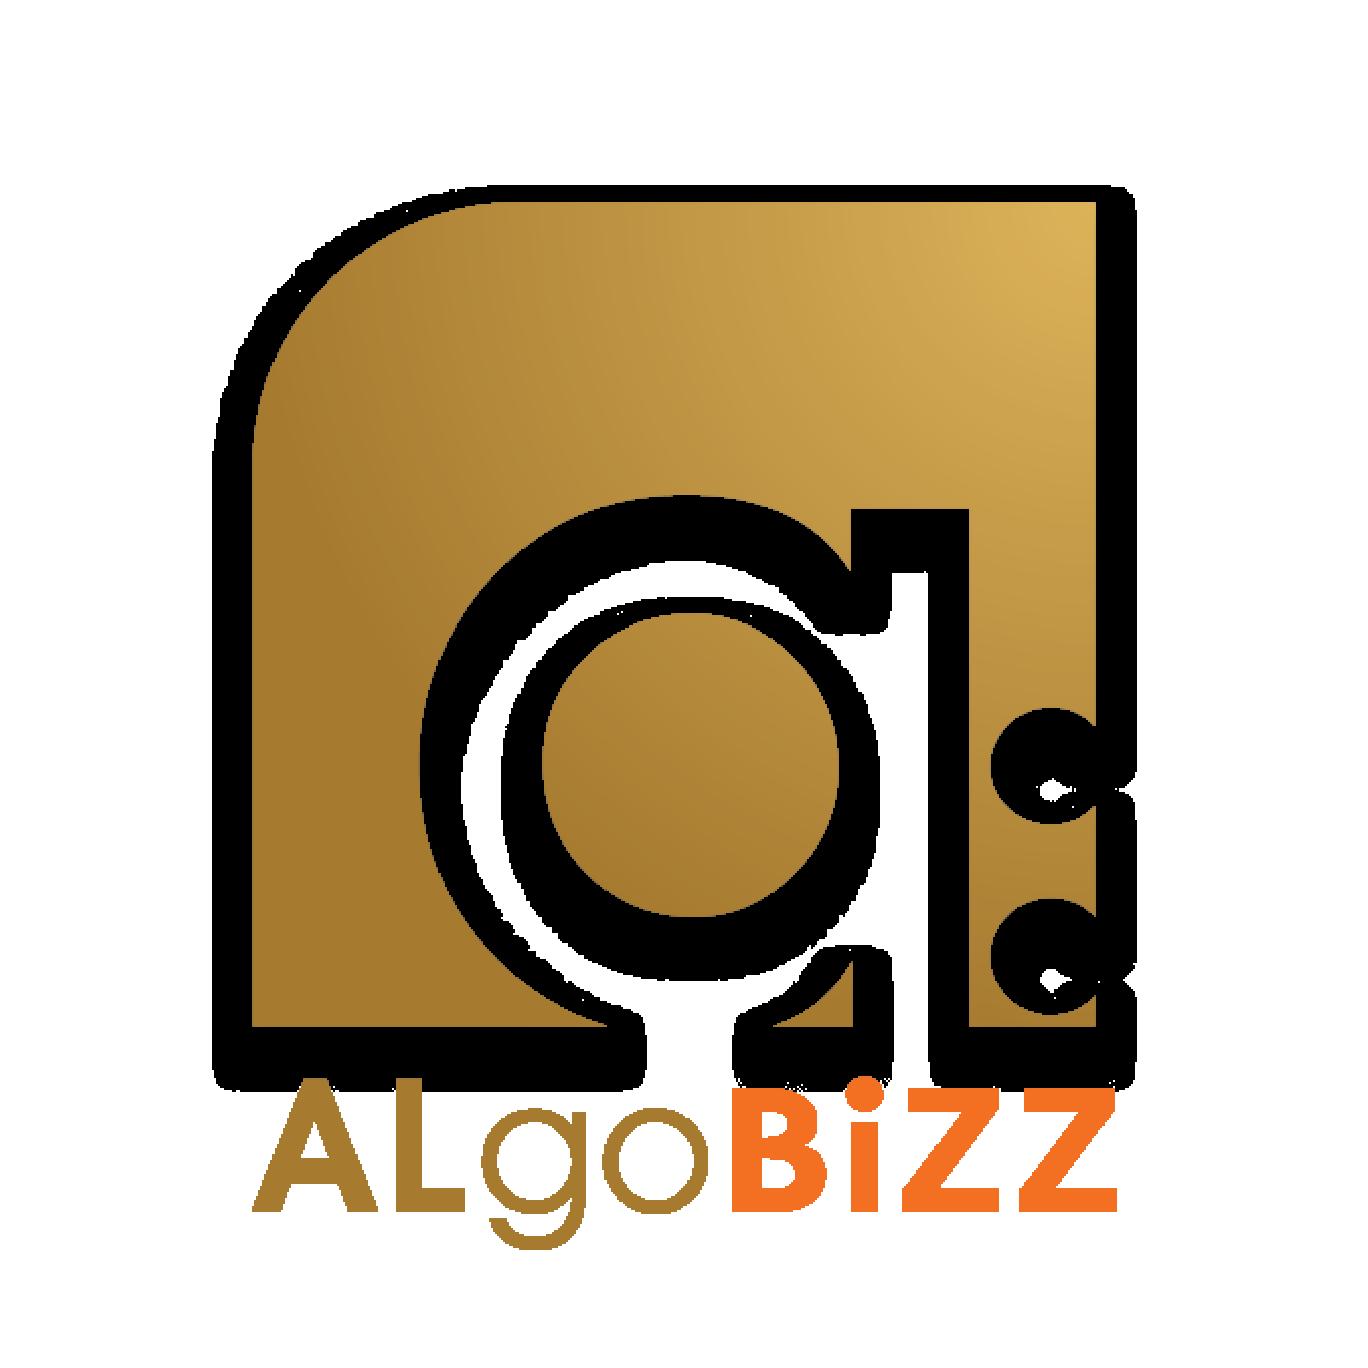 Algobizz